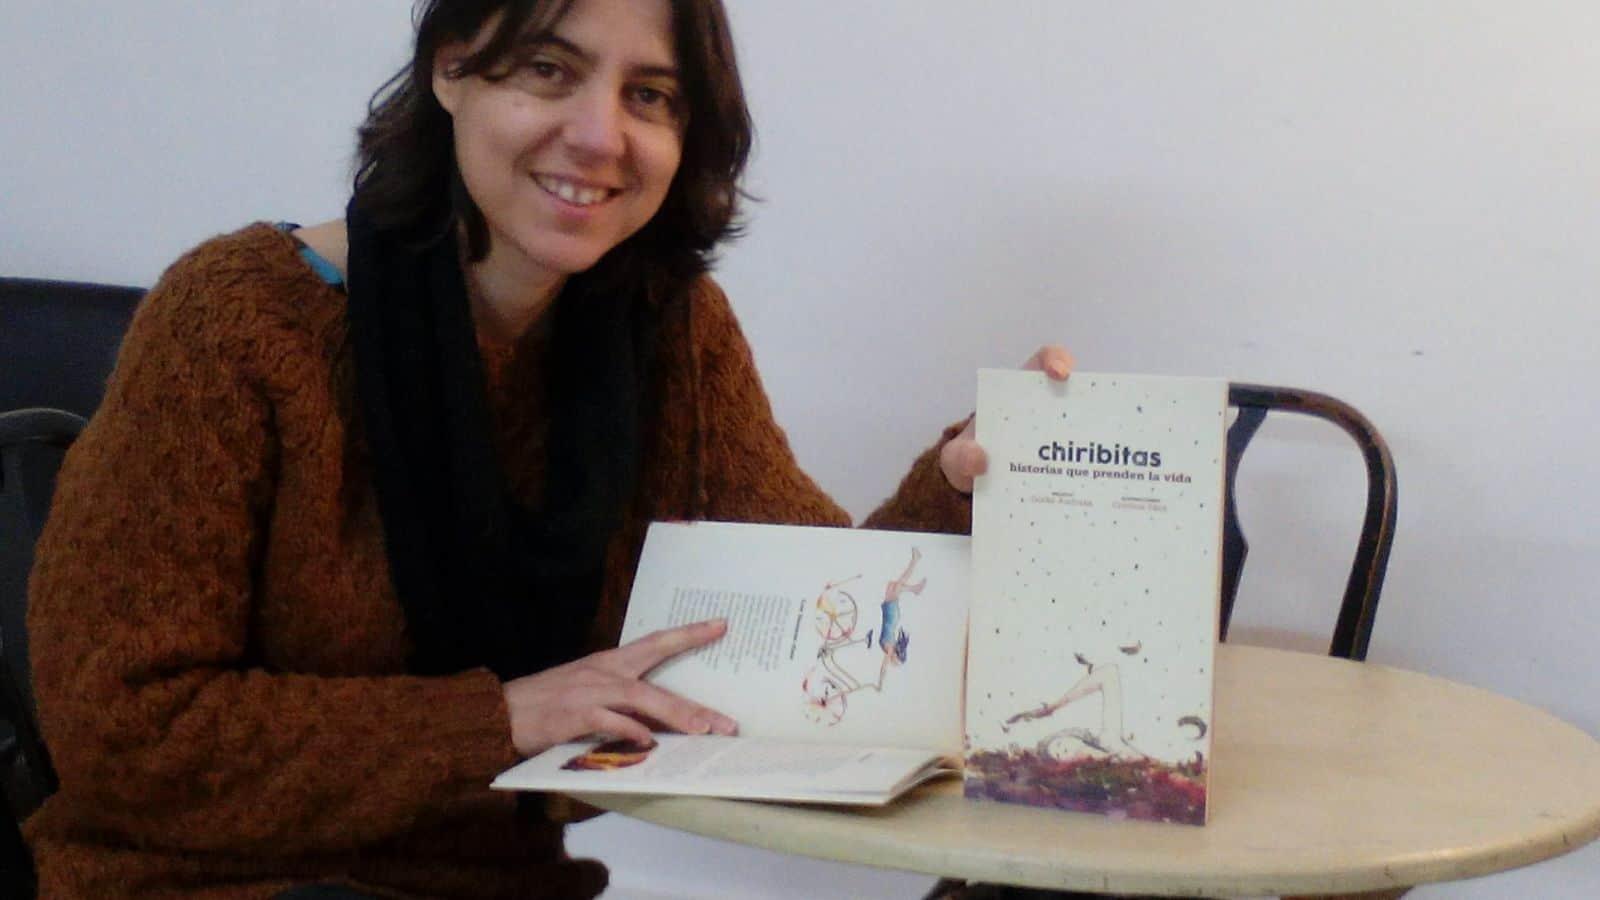 Mar de Fueguitos: chiribitas, historias que prenden la vida